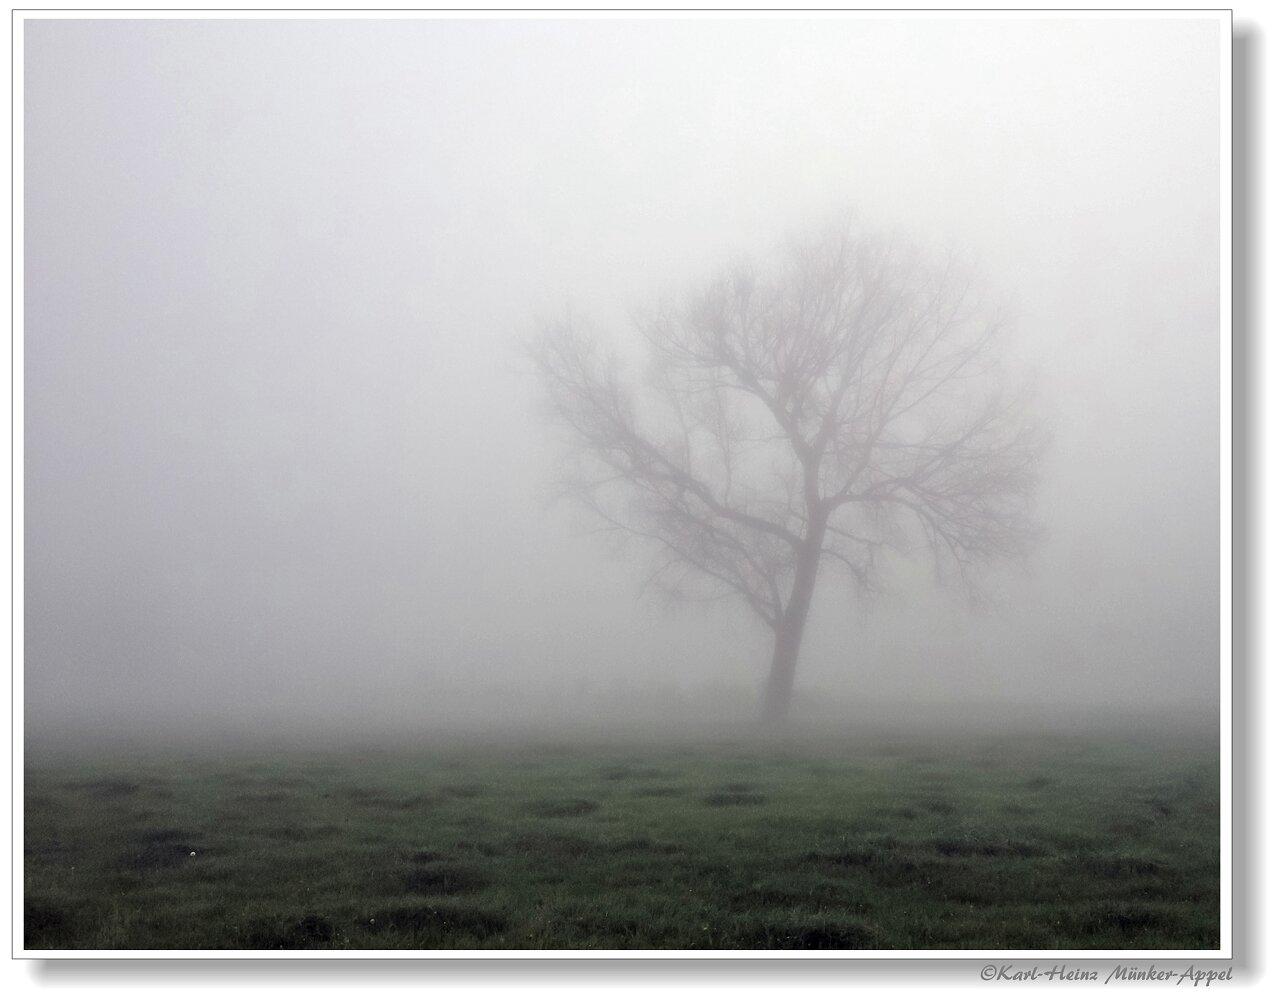 Morgensfrüh, wenn der Tag beginnt und der Nebel noch den Weg verdeckt...